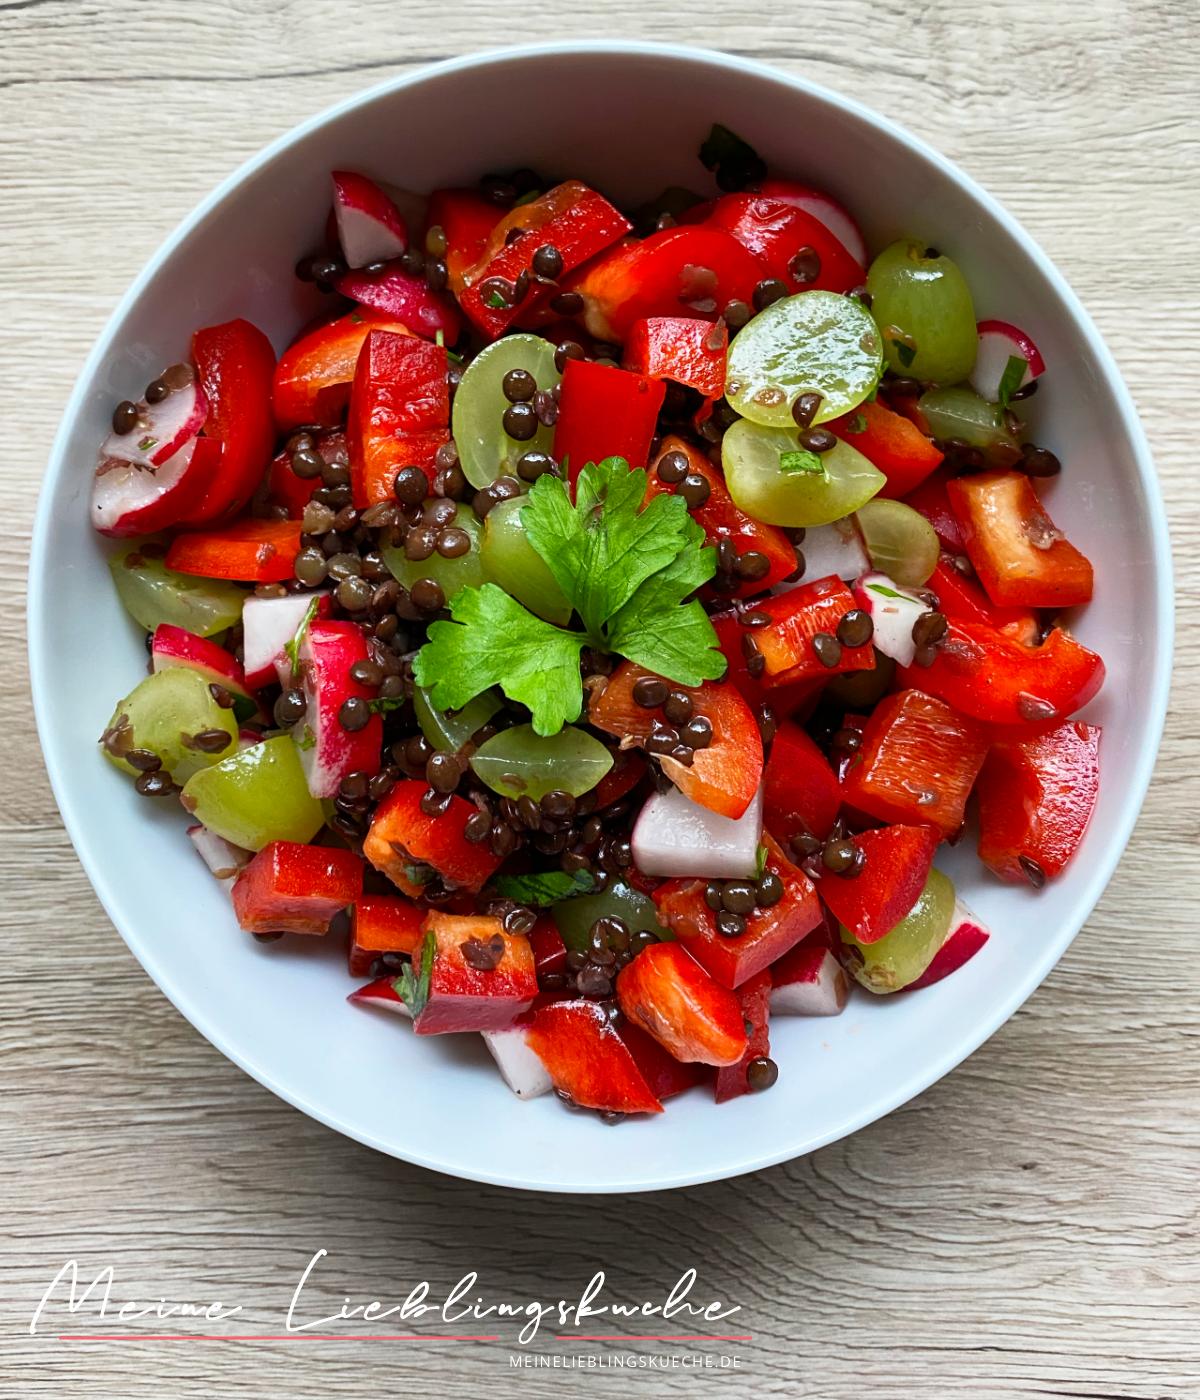 Sommerlicher Salat mit Belugalinsen und Früchten